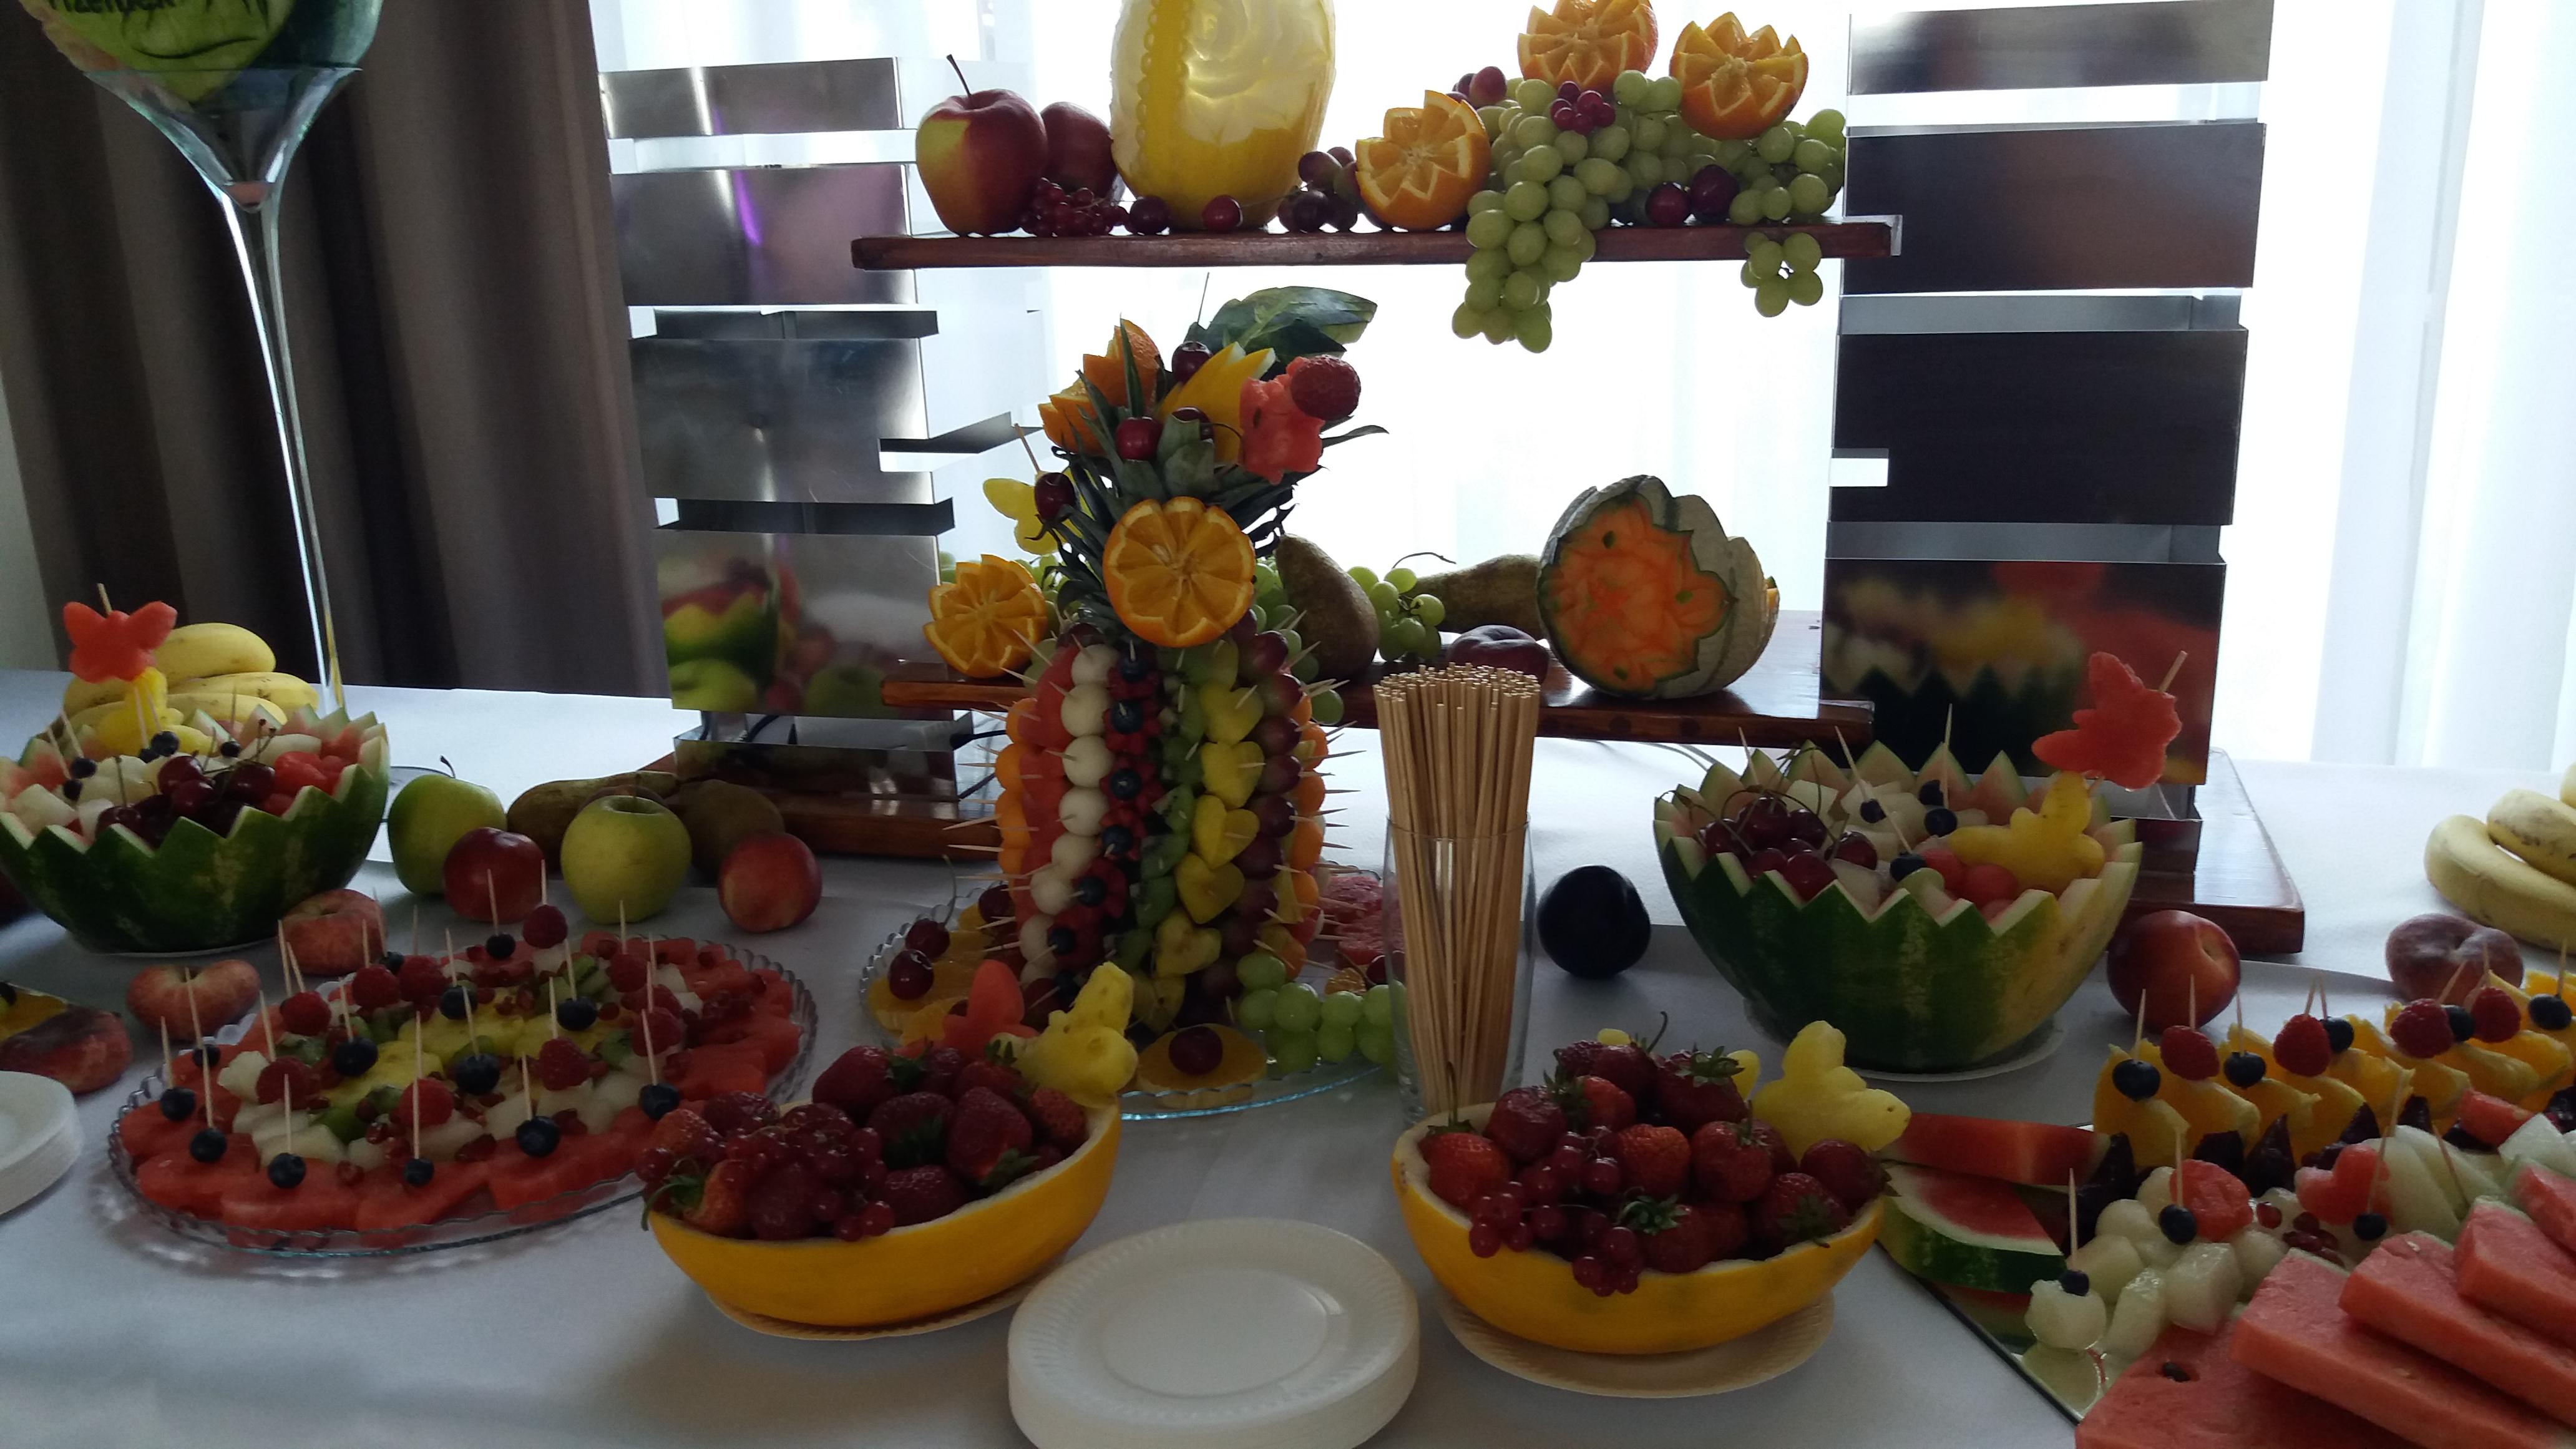 stół z owocami, dekoracje owocowe, owoce na wesele, fruit carving, fruits art, food art, bufet owocowy Zajazd Staropolski